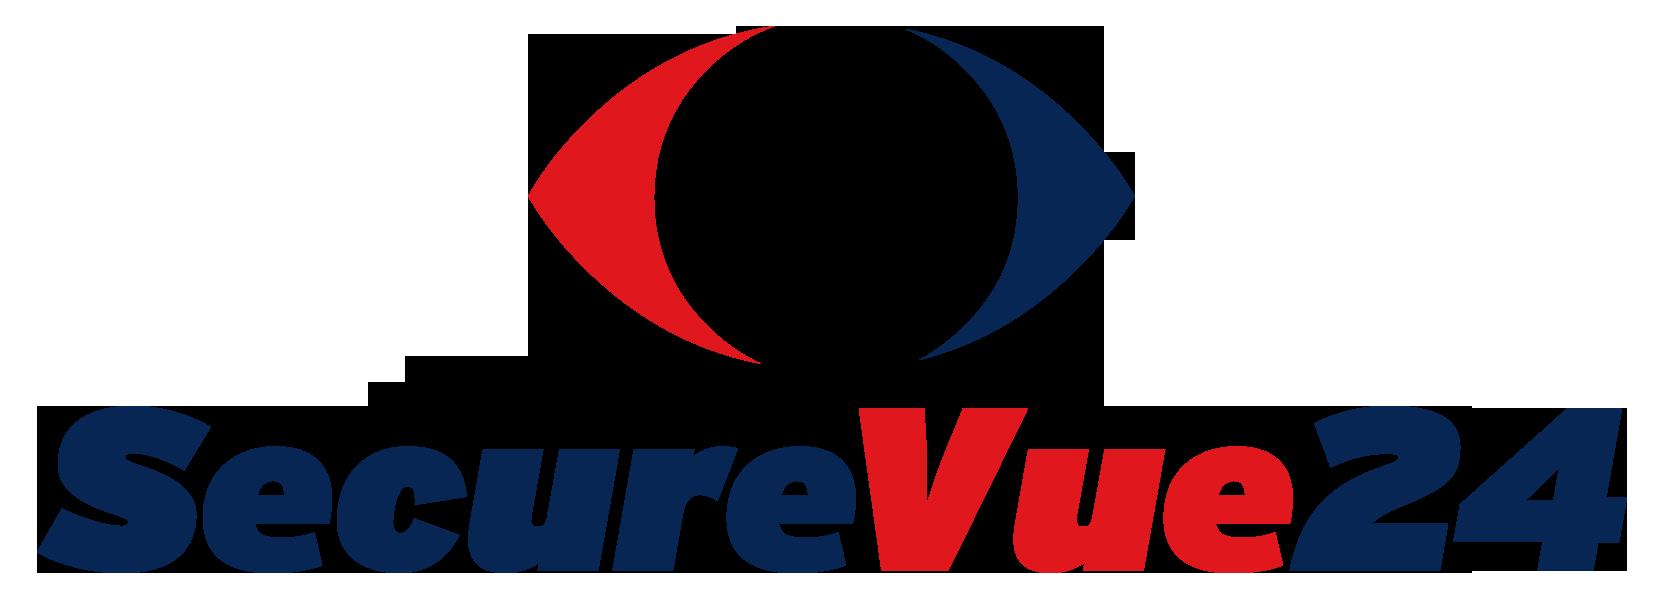 SecureVue24_logo